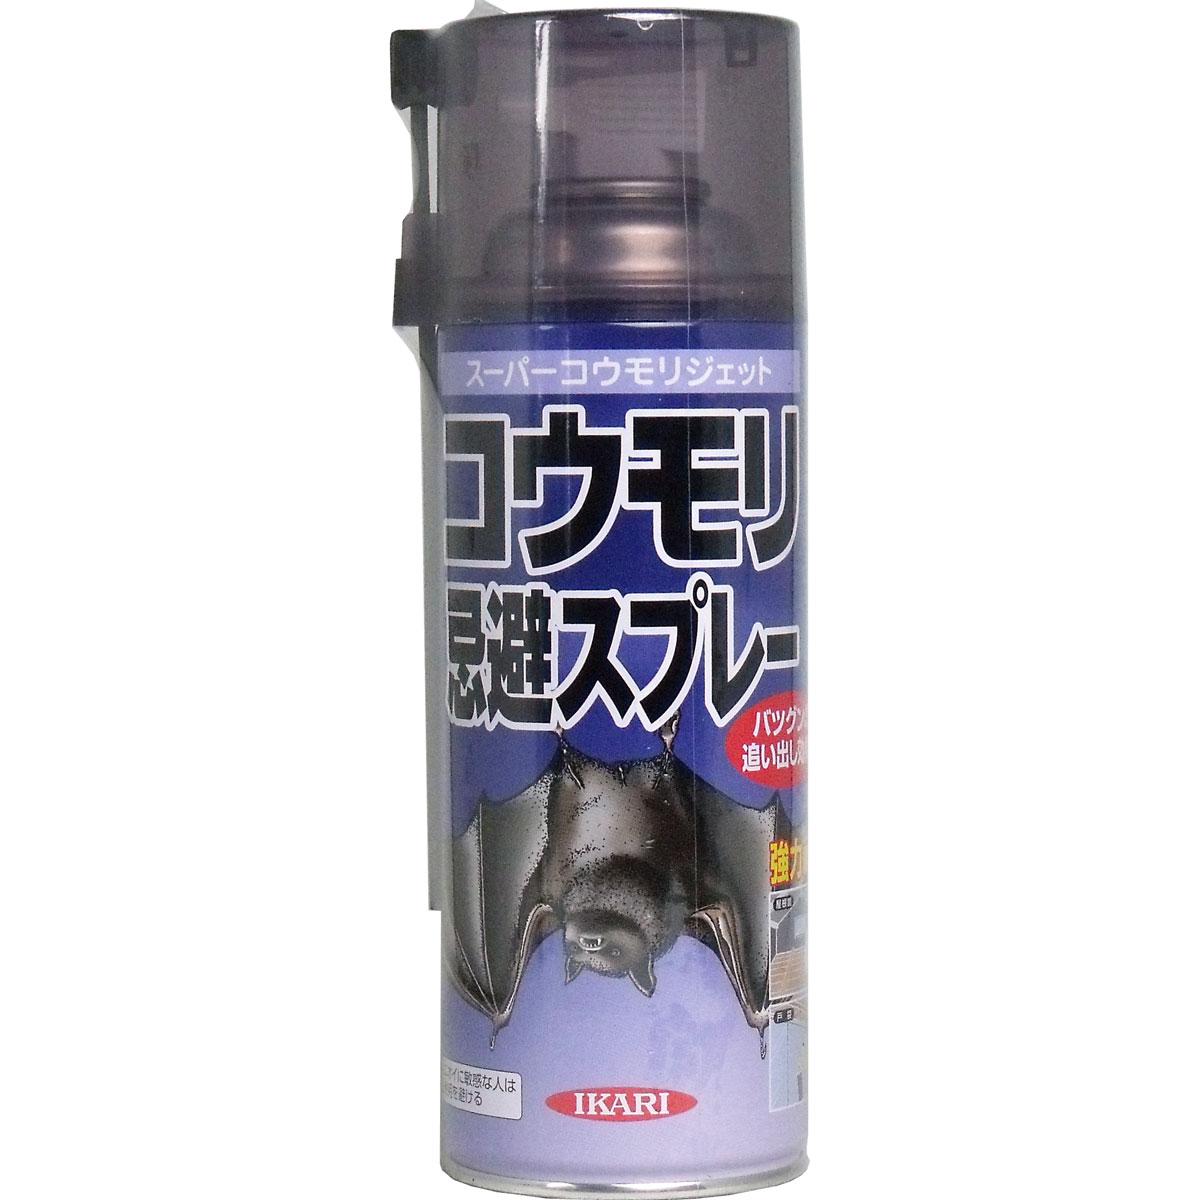 イカリ スーパーコウモリジェット コウモリ忌避スプレー 420mL